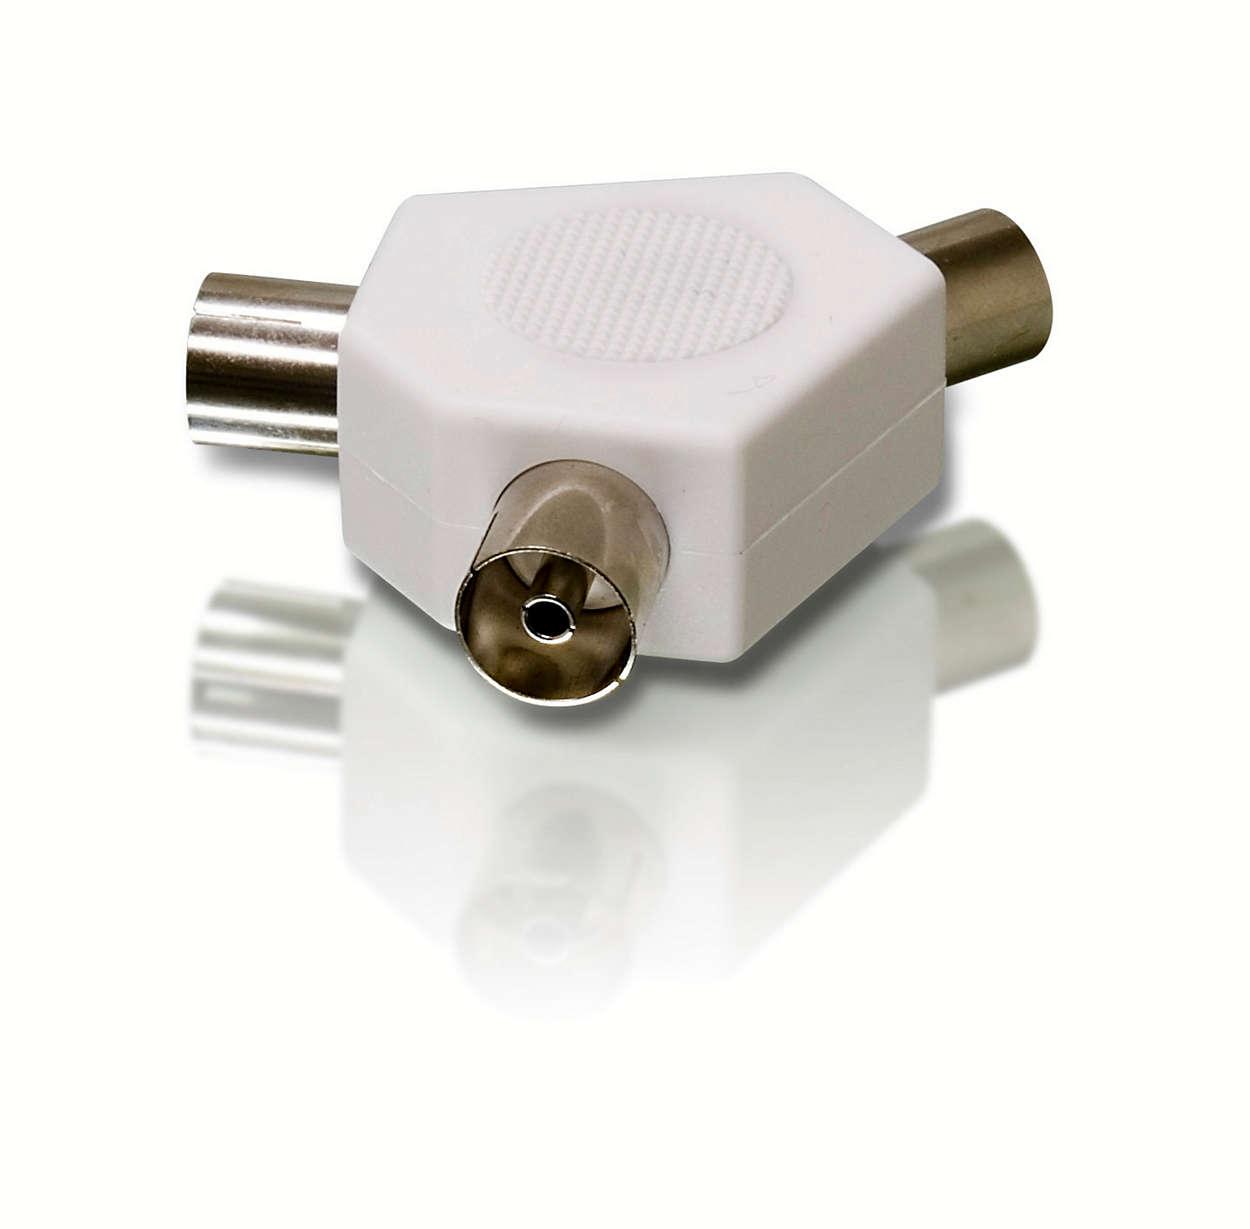 Asiguraţi-vă o conexiune fiabilă